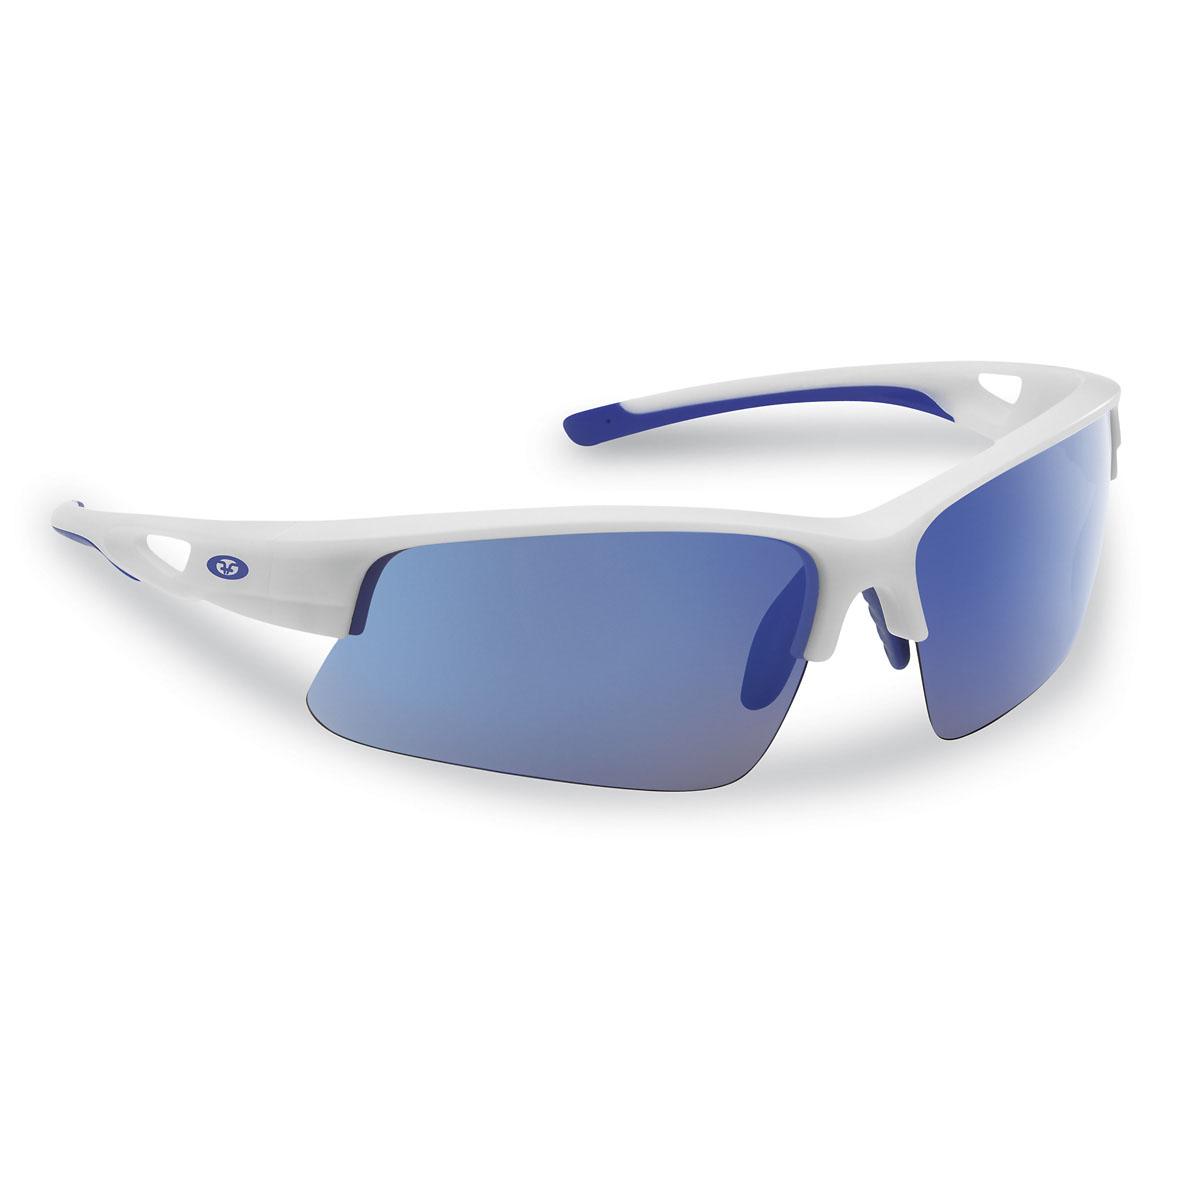 fb201c4d87 Flying Fisherman 7871WSB Moray Sunglasses